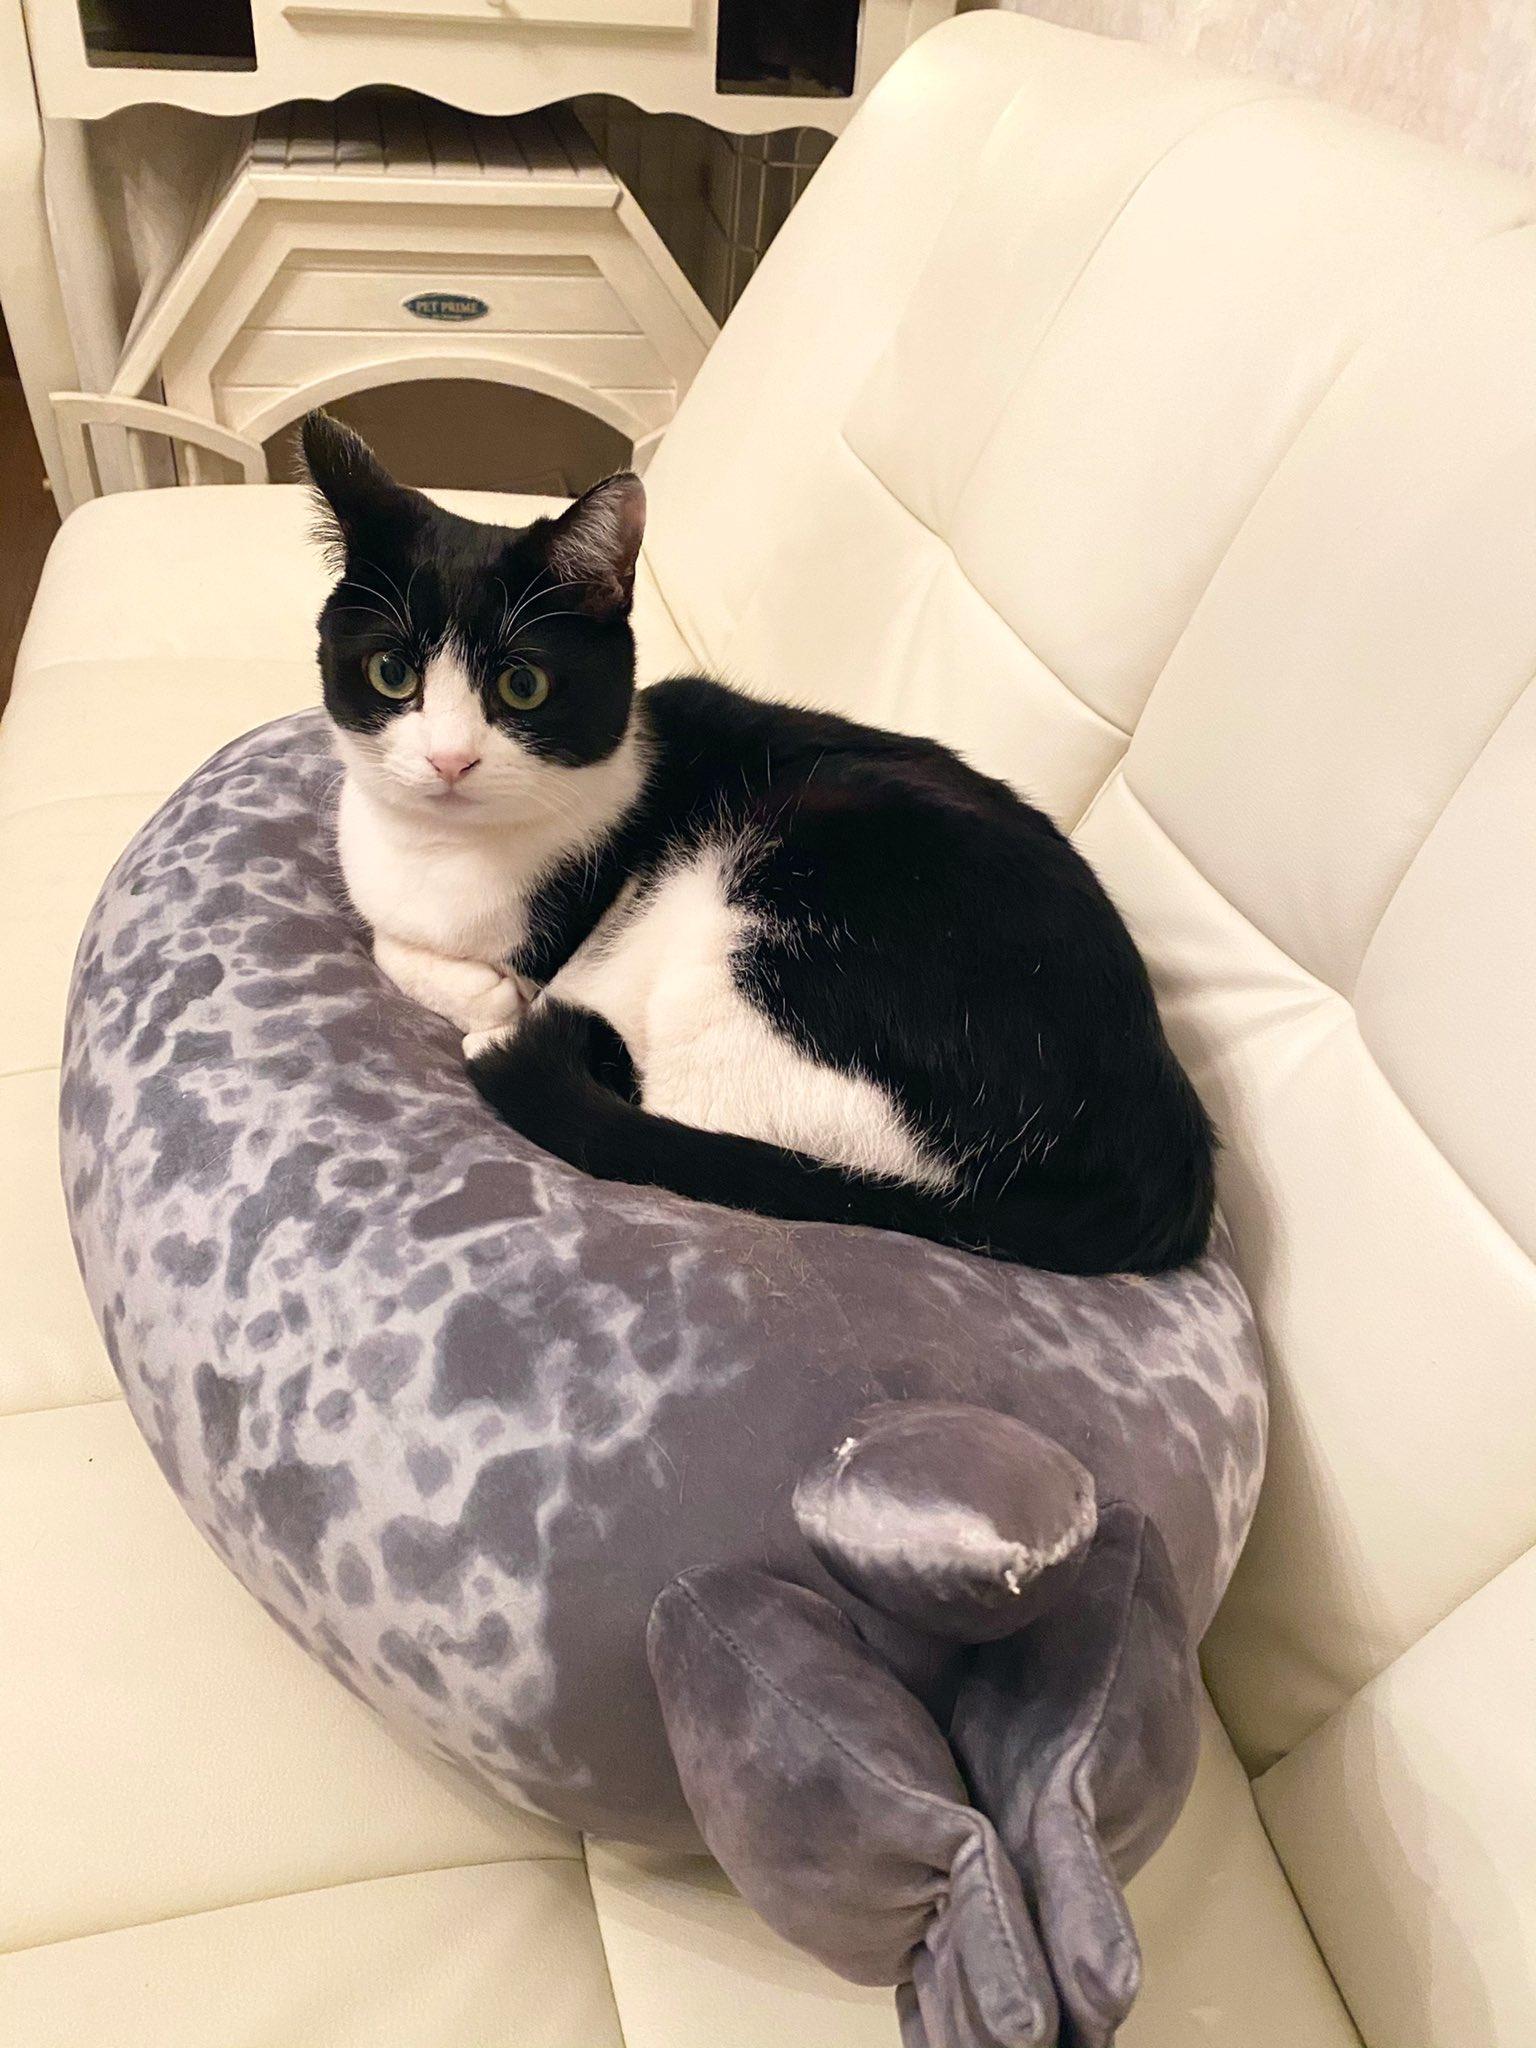 被貓咪坐到扁掉的海豹坐墊 Eoihe_CU0AINhCD?format=jpg&name=large